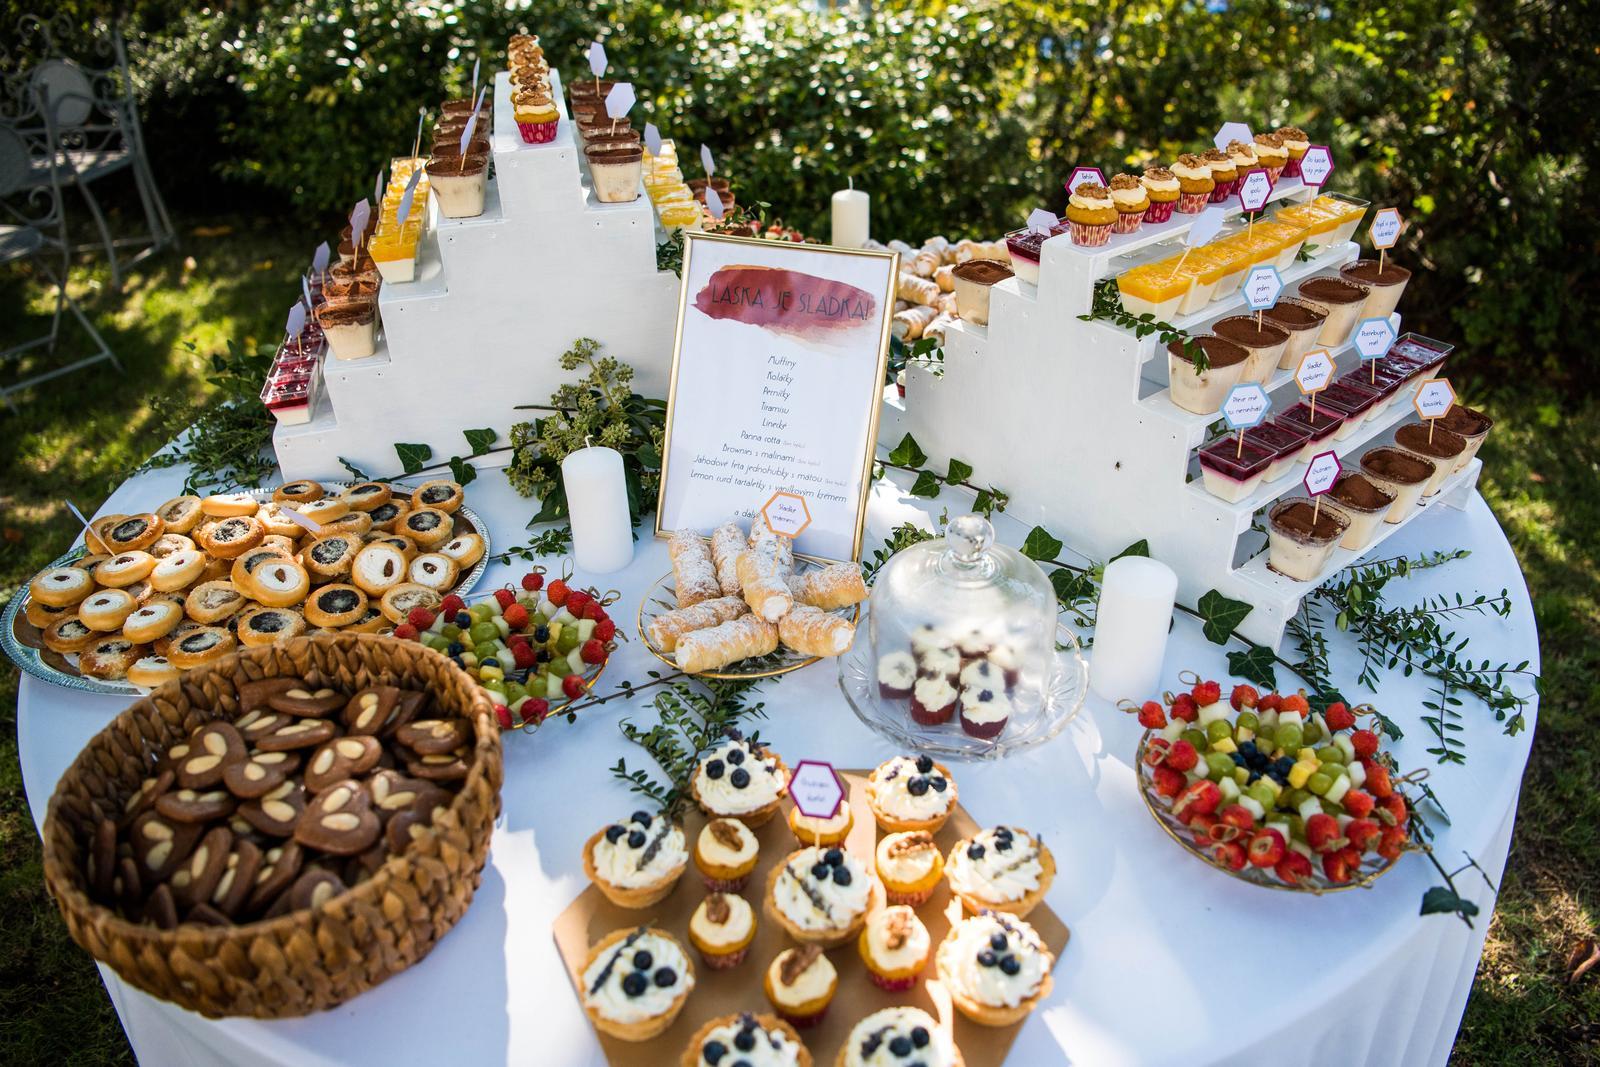 Stojany na mini dortíky, cupcakes atd. - Obrázek č. 1